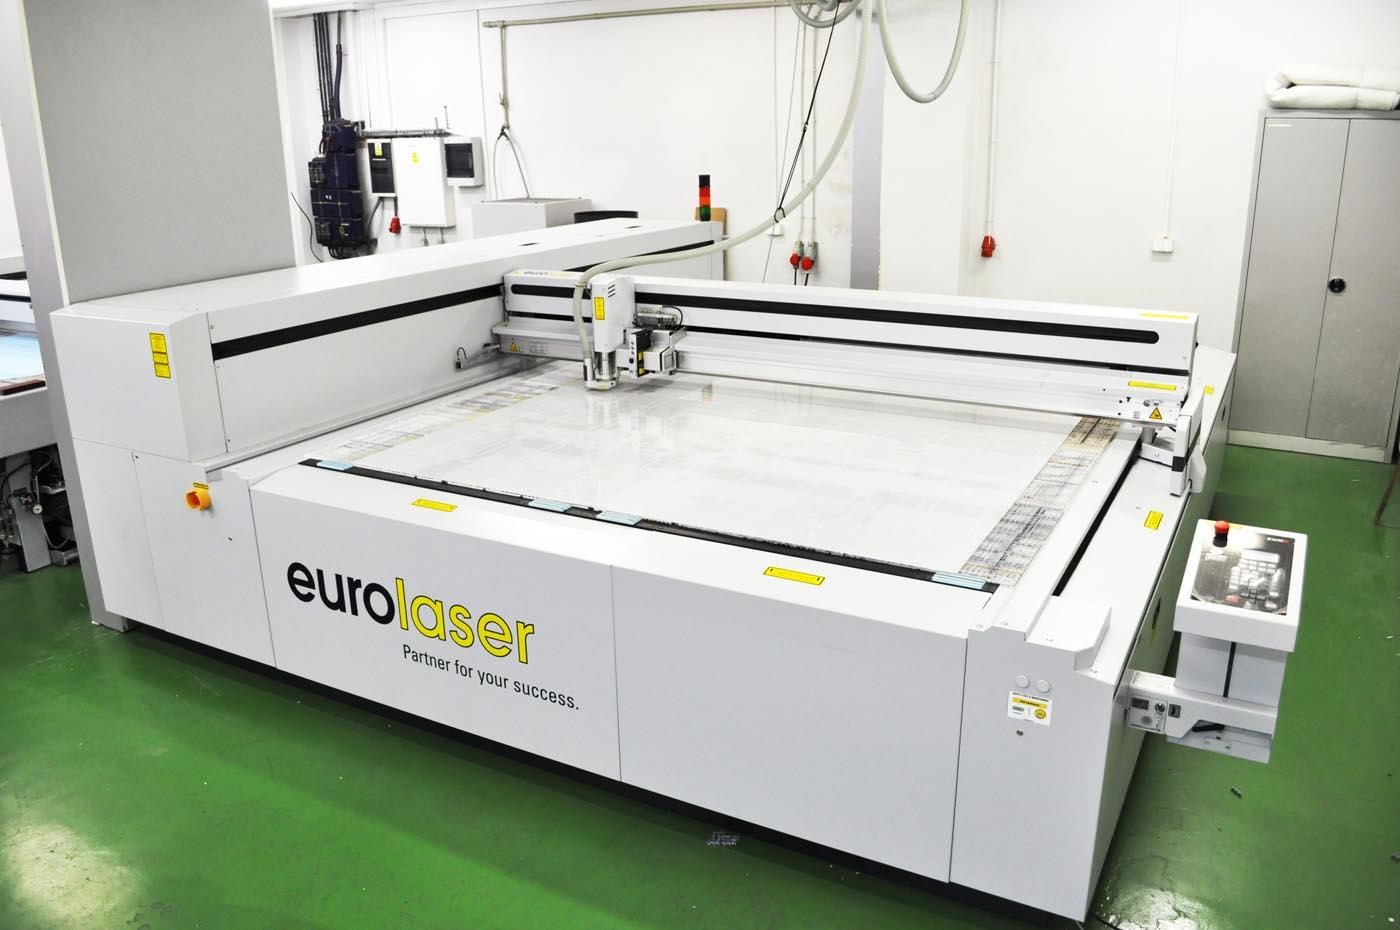 Eurolaser XL-3200